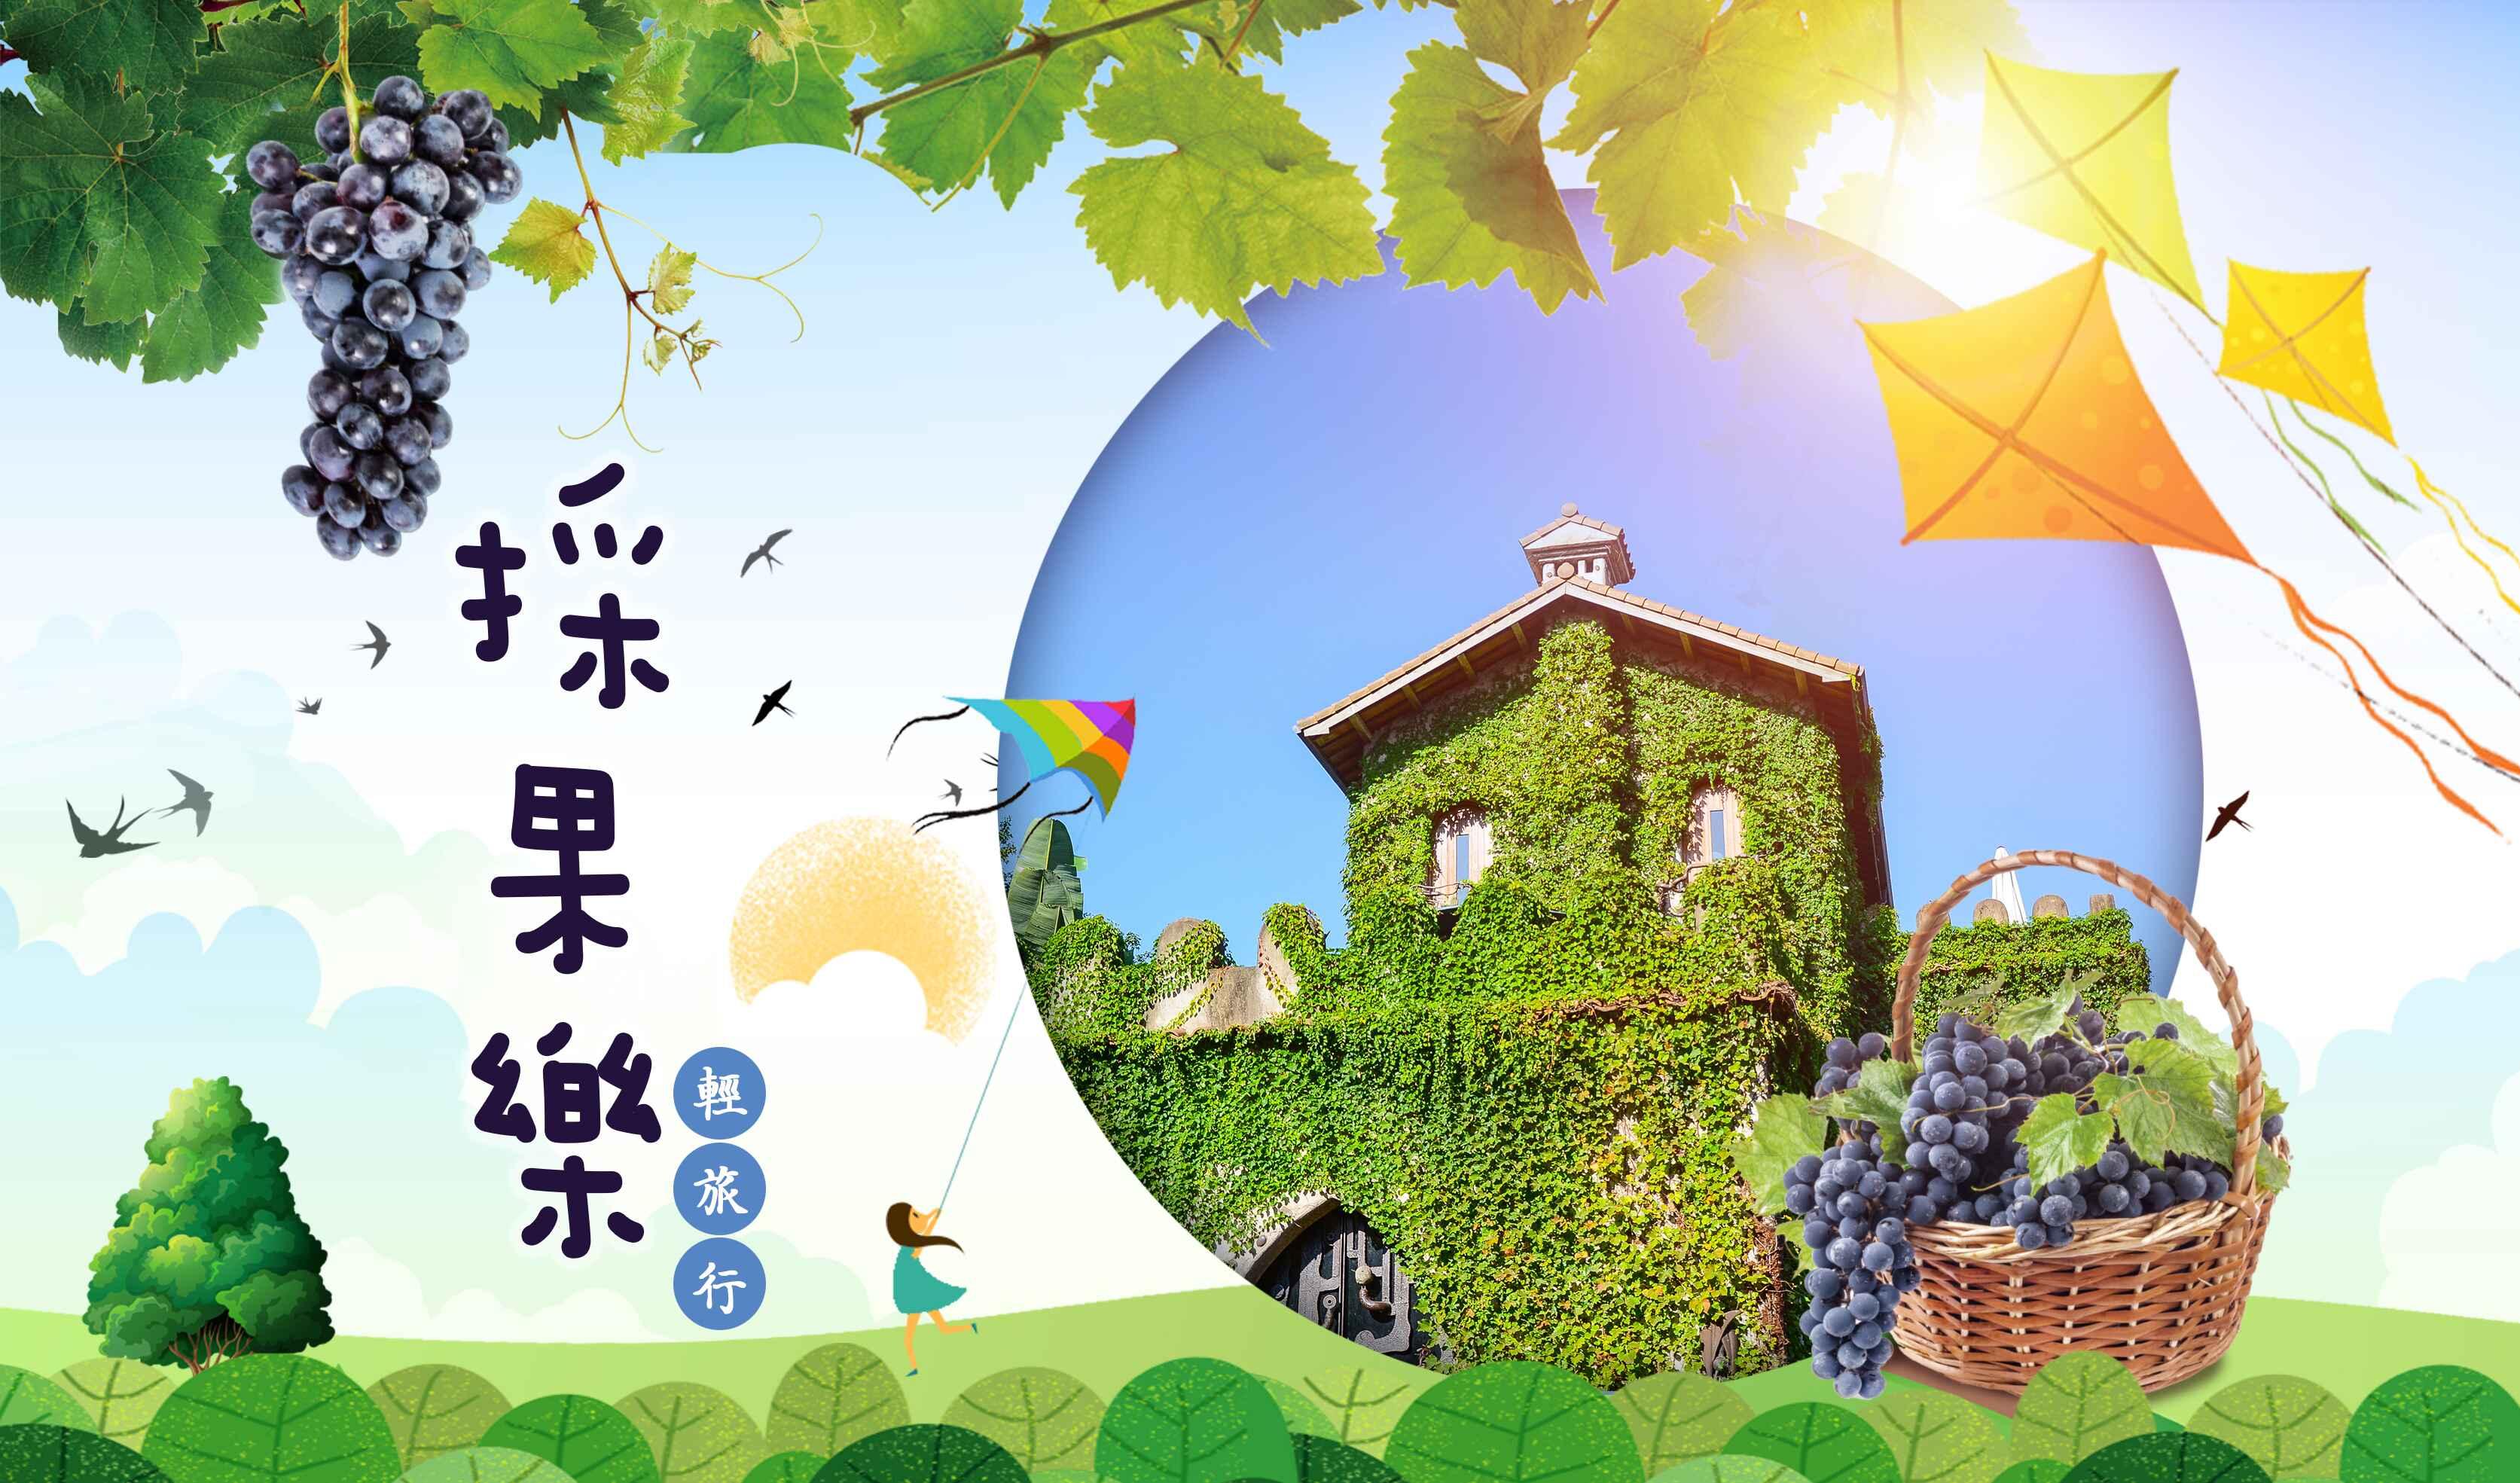 台中新社紫寶石採葡萄輕旅行1日